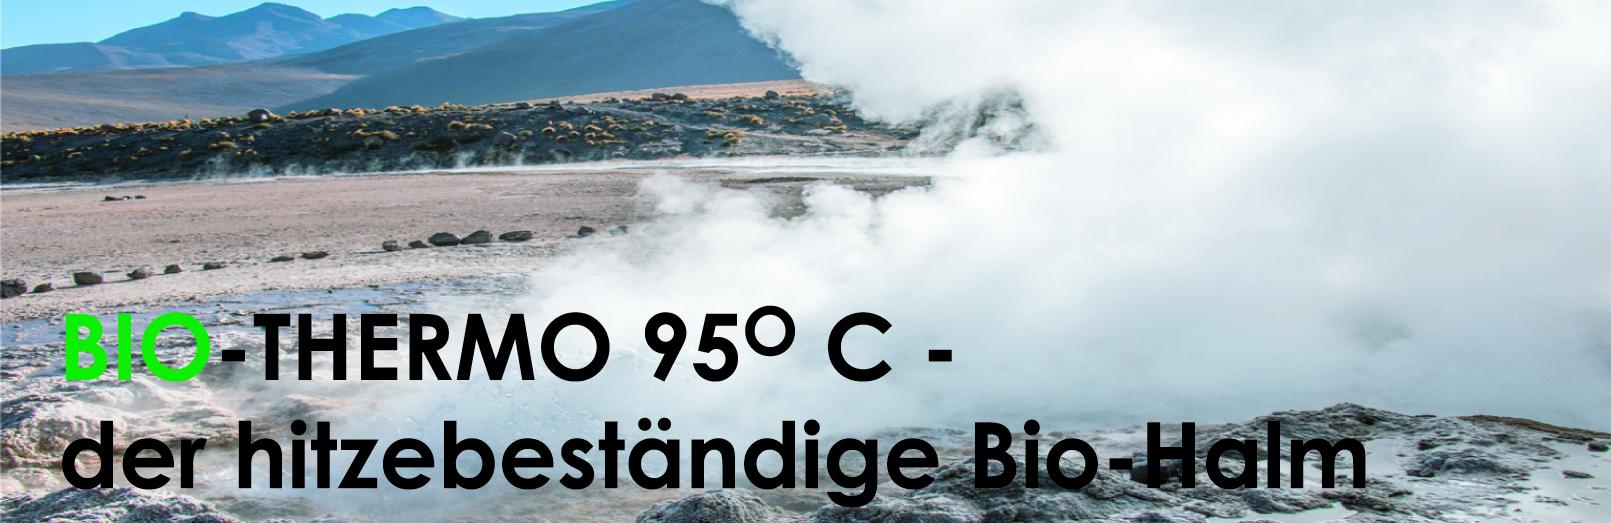 Bild-Bio-Thermo